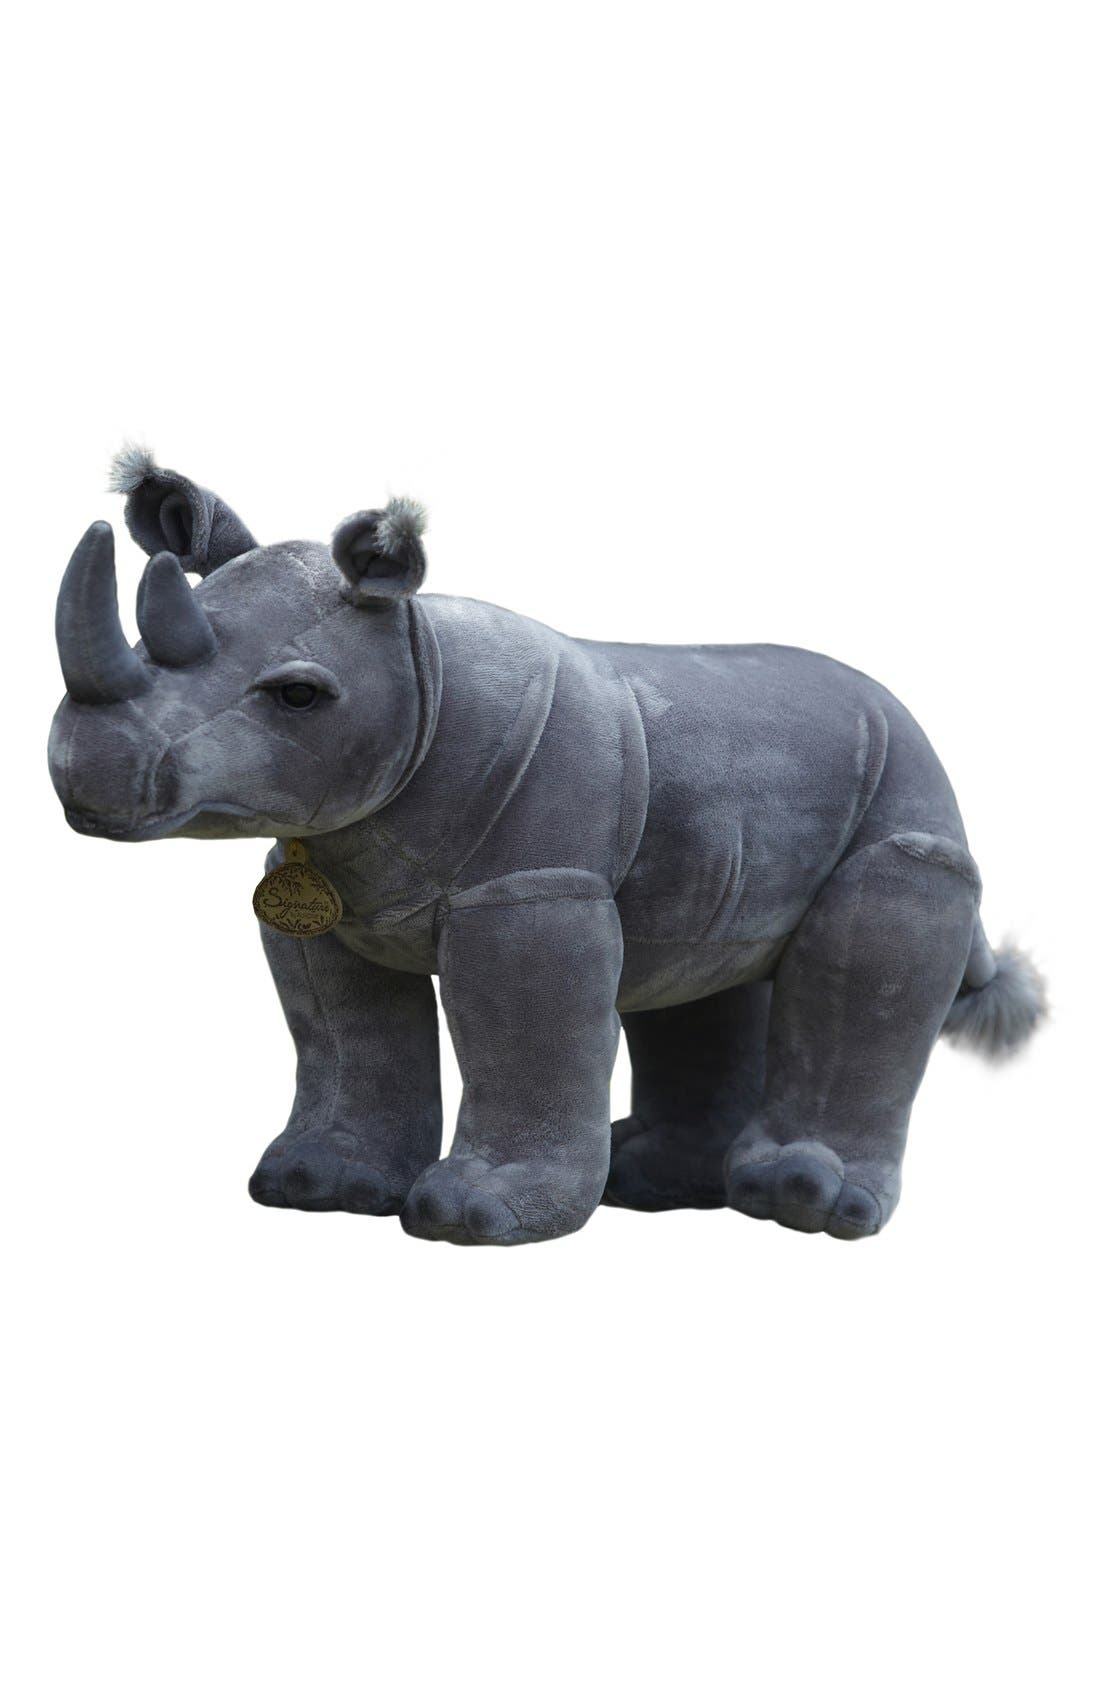 Alternate Image 1 Selected - Aurora World Toys 'Black Rhinoceros' Stuffed Animal